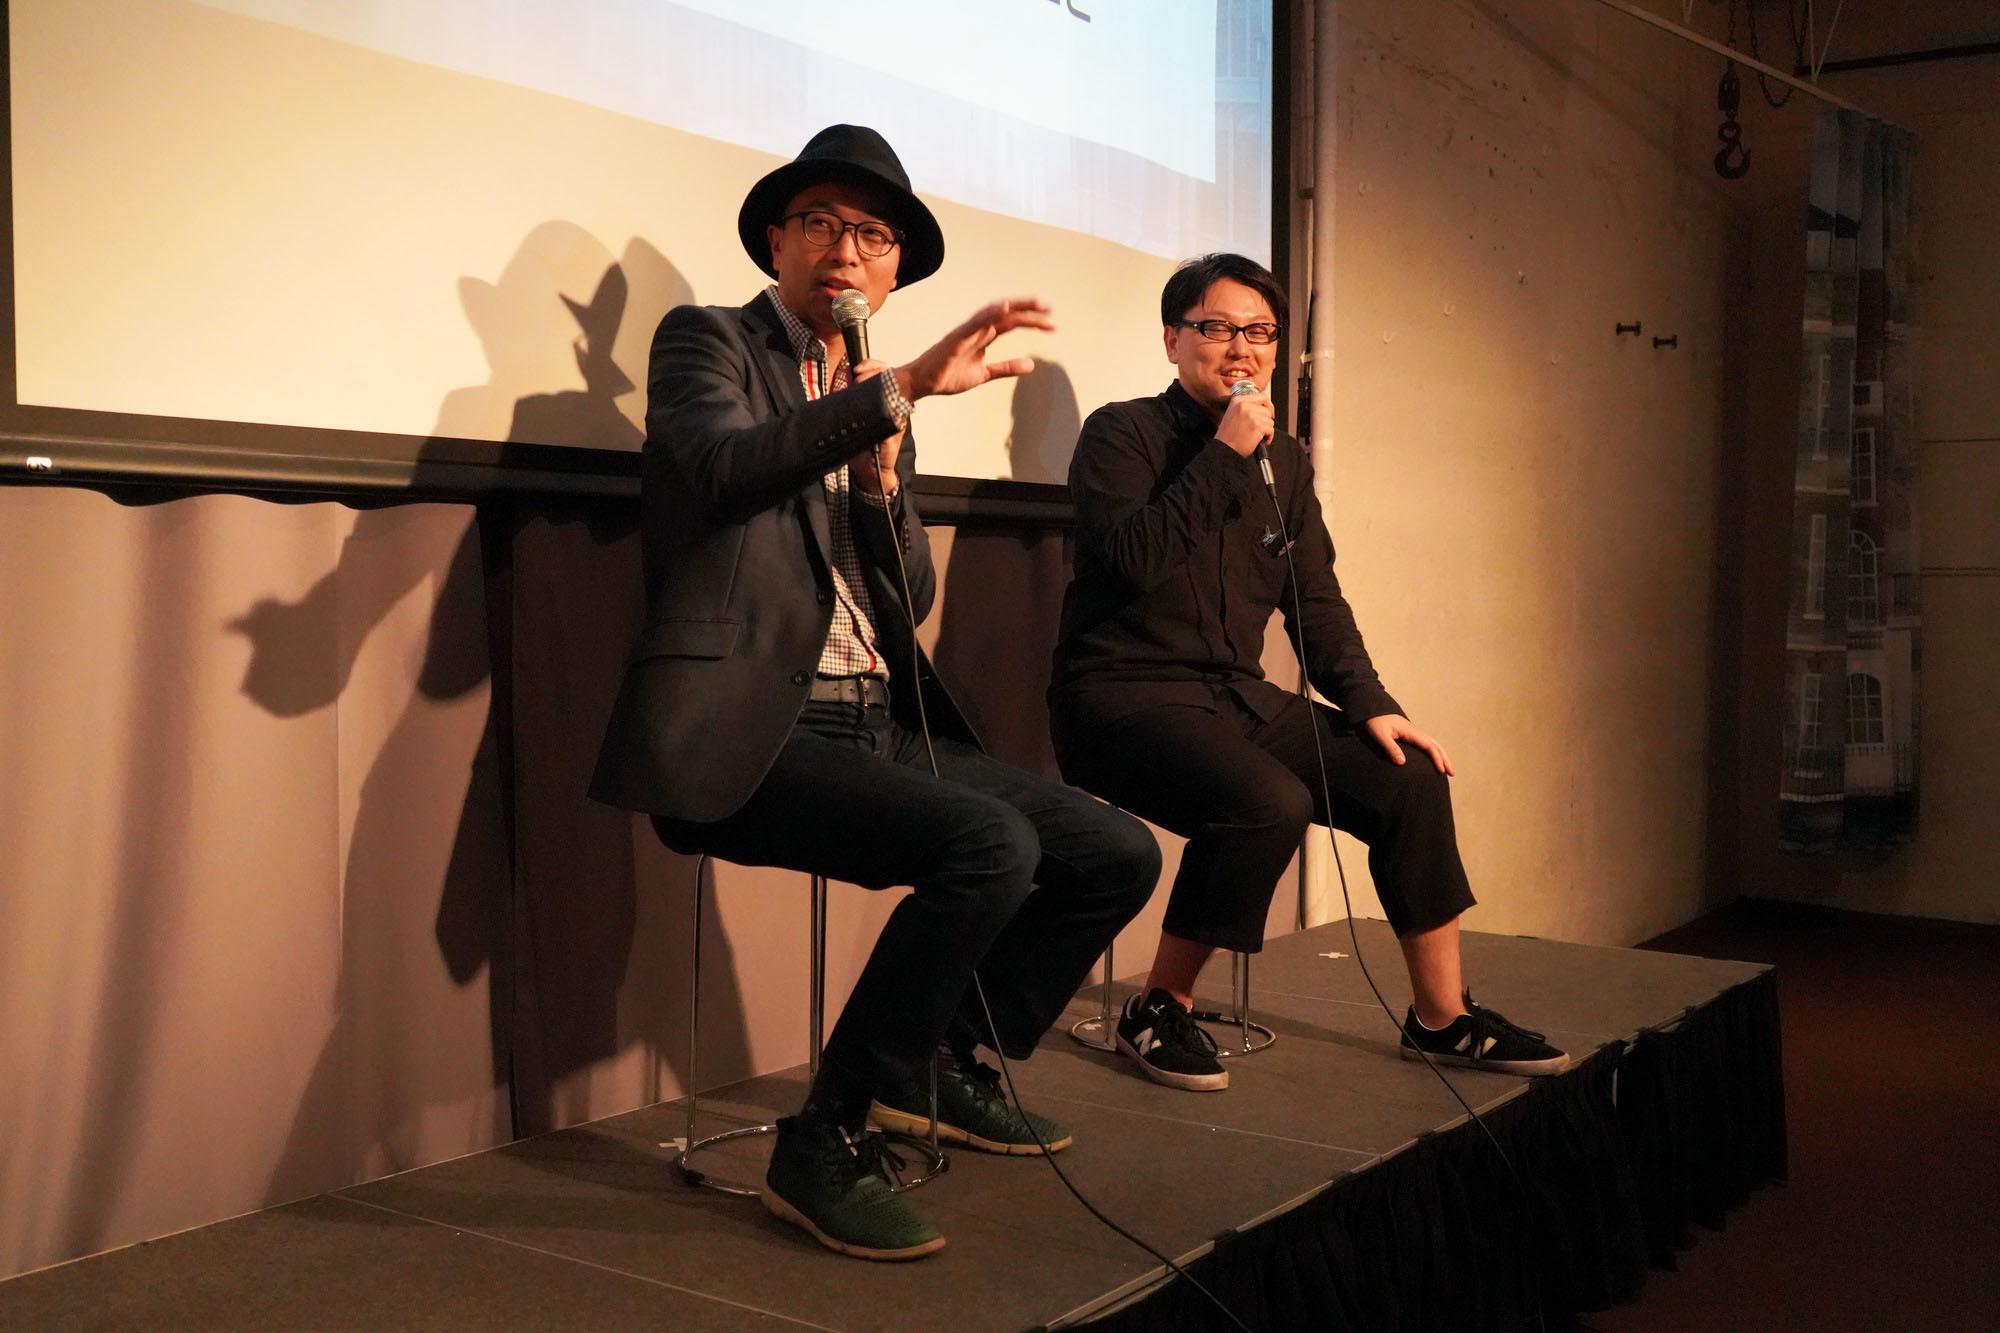 体験会後の座談会では加藤・塩川両氏がそれぞれのゲームや今回のコラボへの想いを熱く語る。その中で加藤氏が『FGO』プレイ開始時に回した召喚にまつわるとんでもない話も!